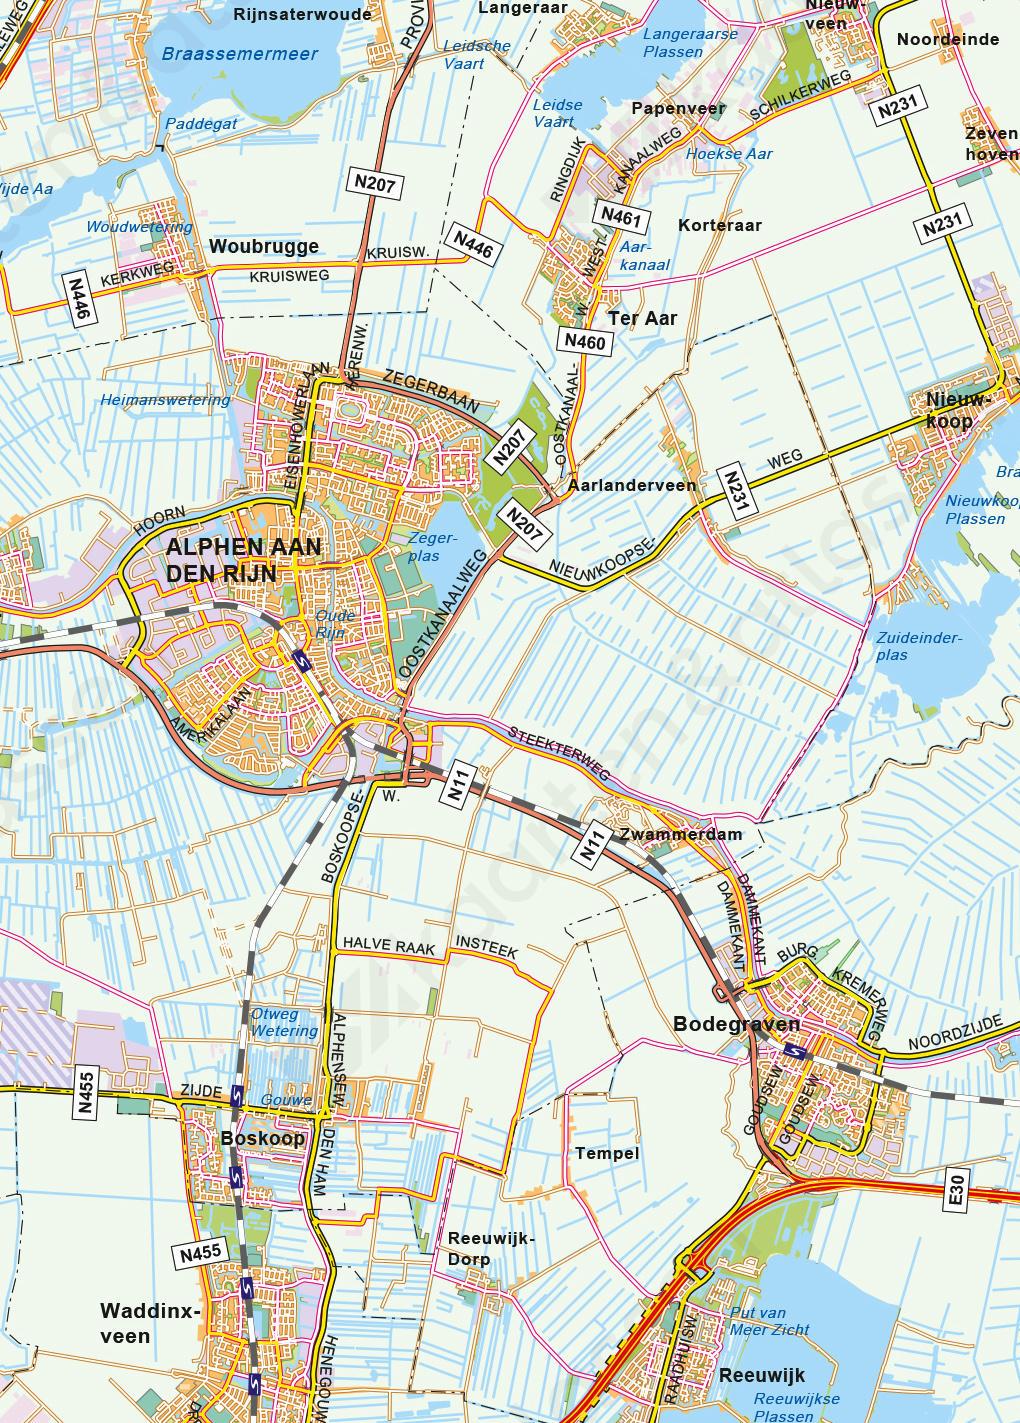 Kaart van de Randstad